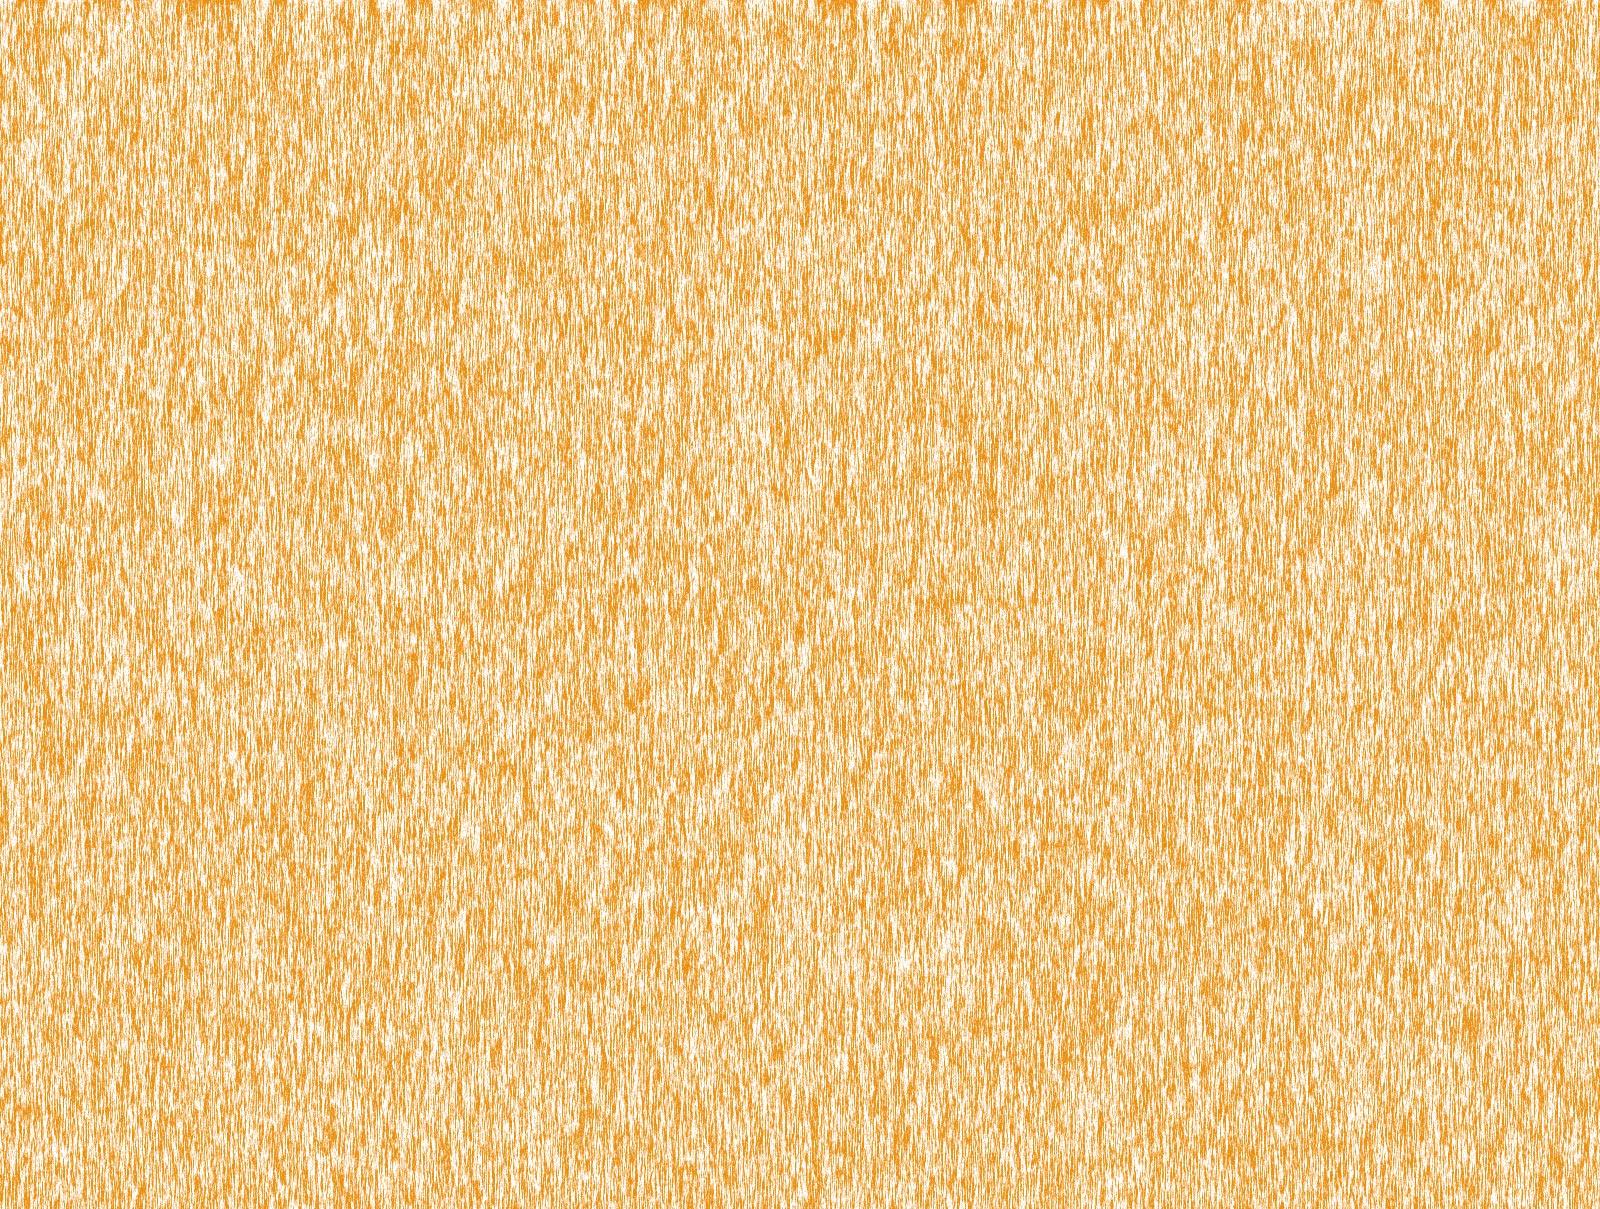 Ilustración gratis - Textura de fibras naranjas